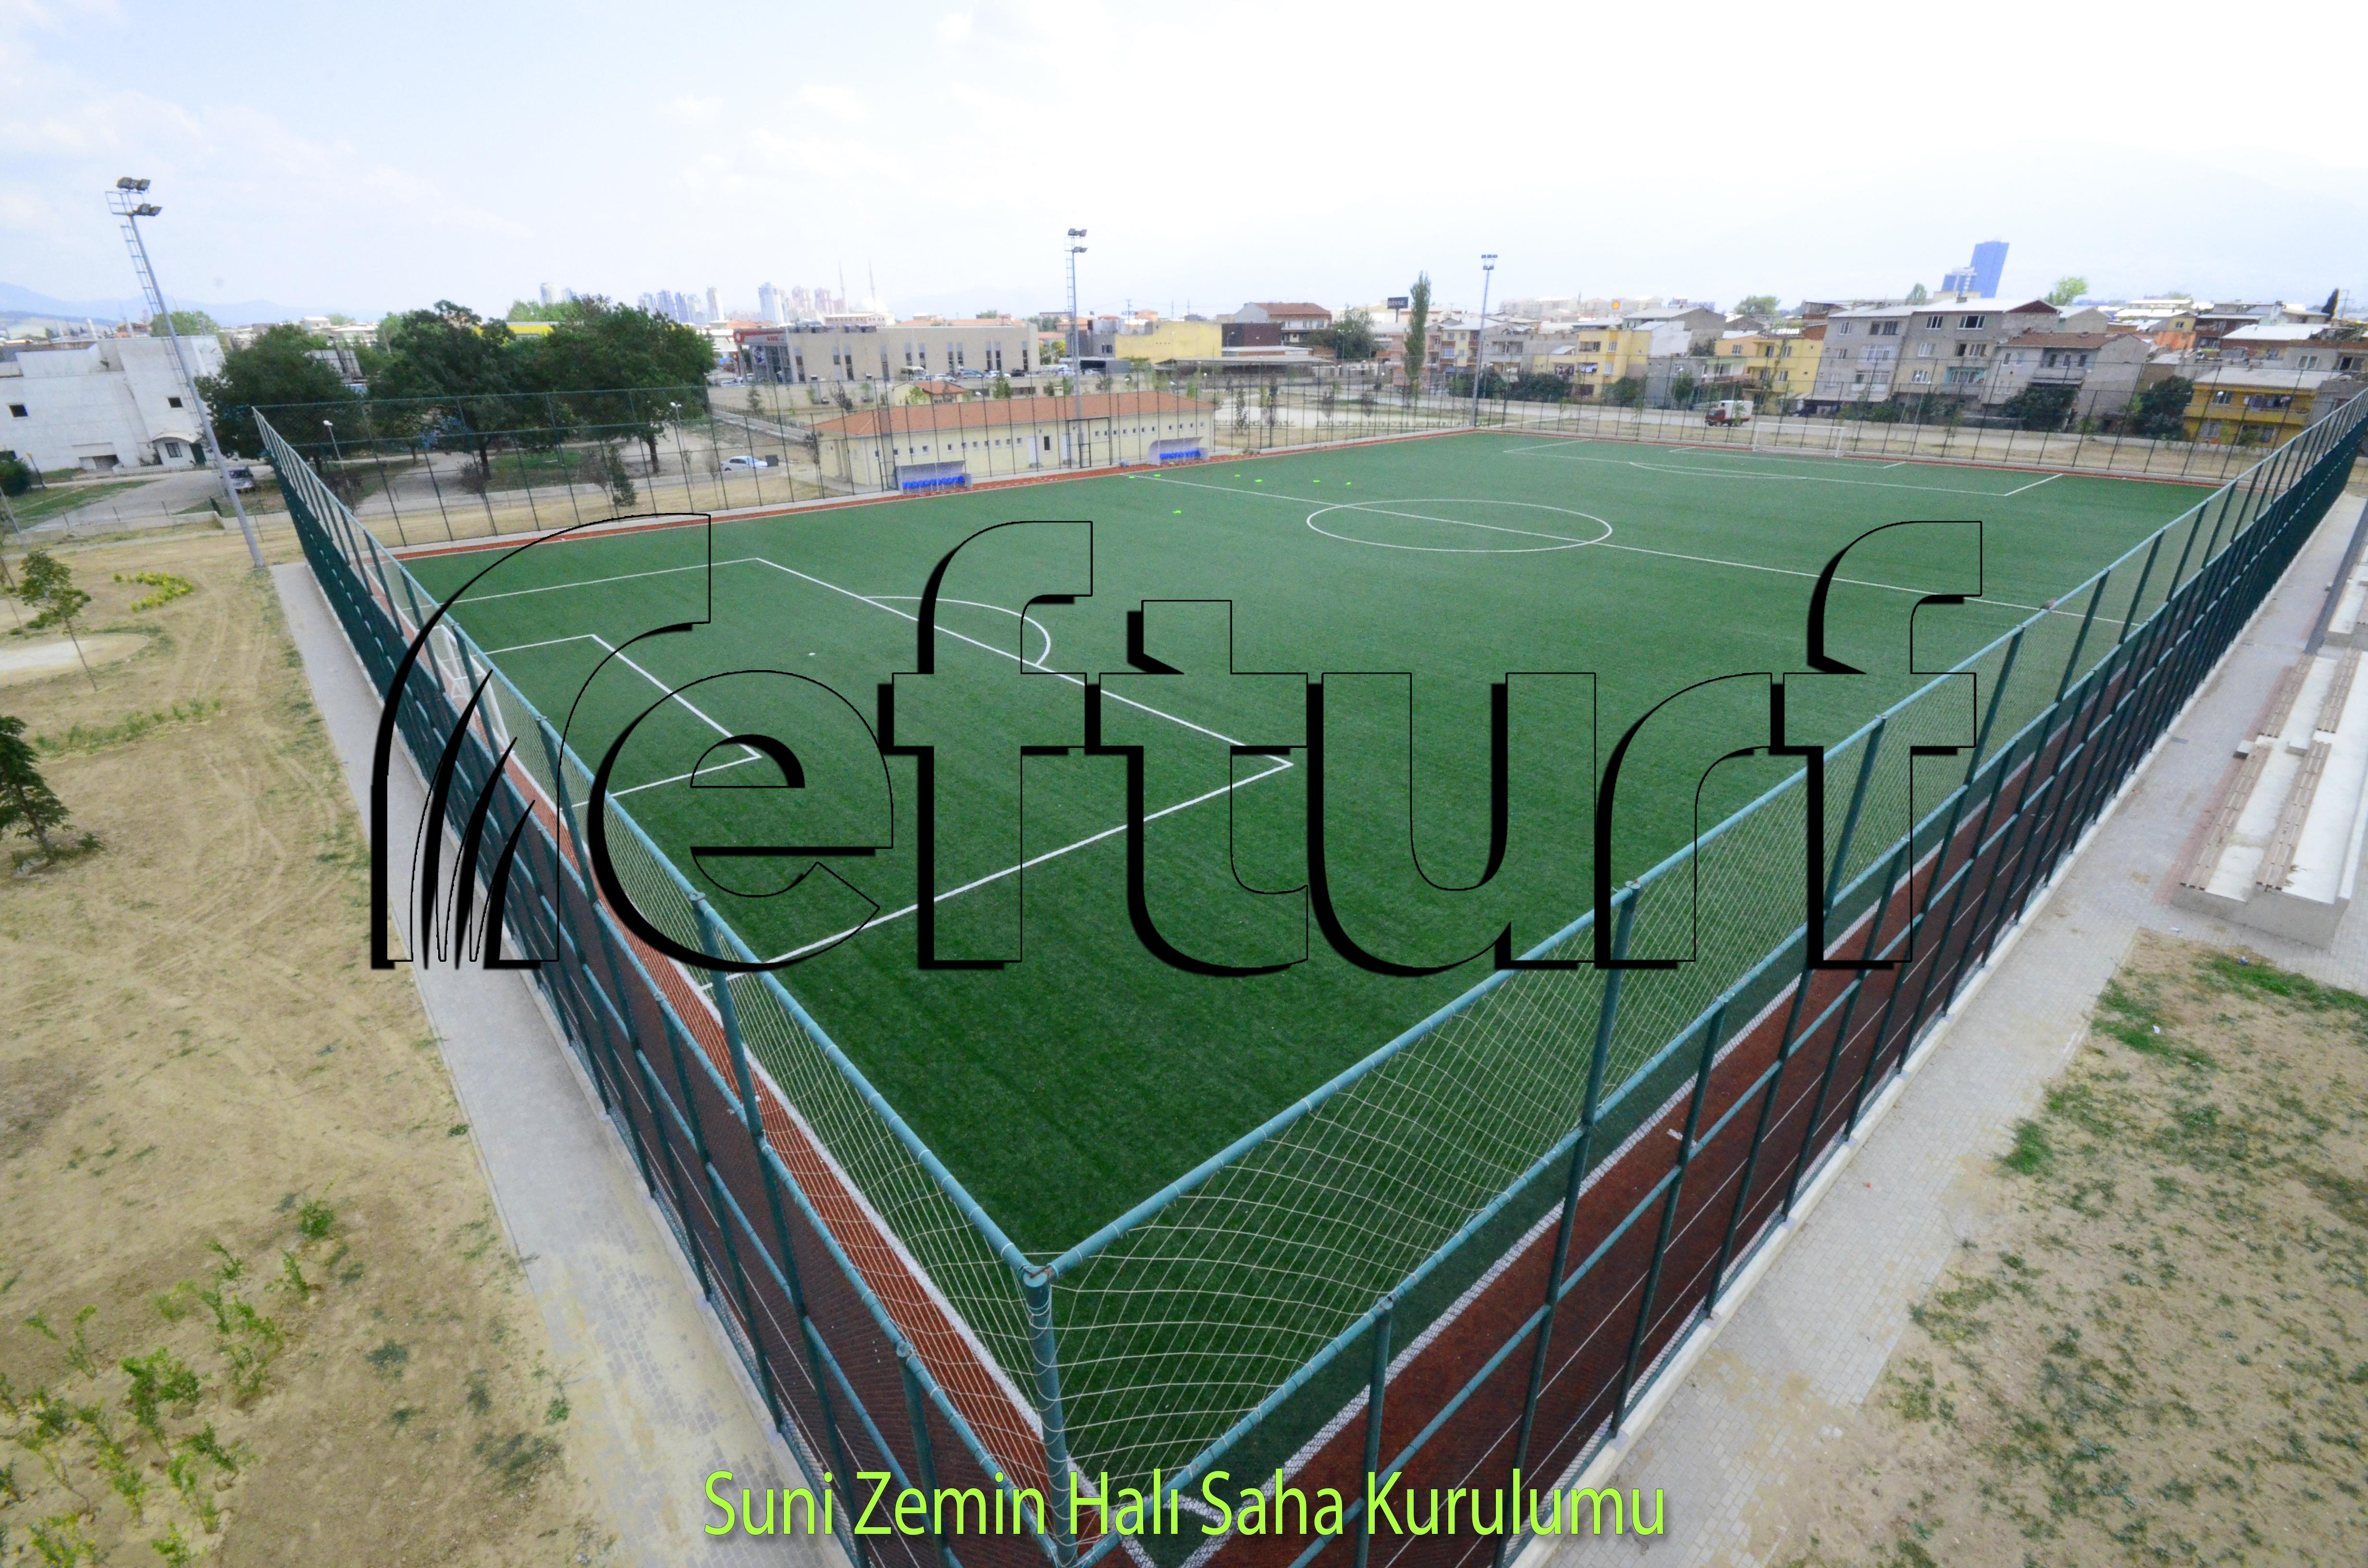 nizami saha kurulumu, nizami saha, örnek saha, örnek stadyum, stadyum yapımı,